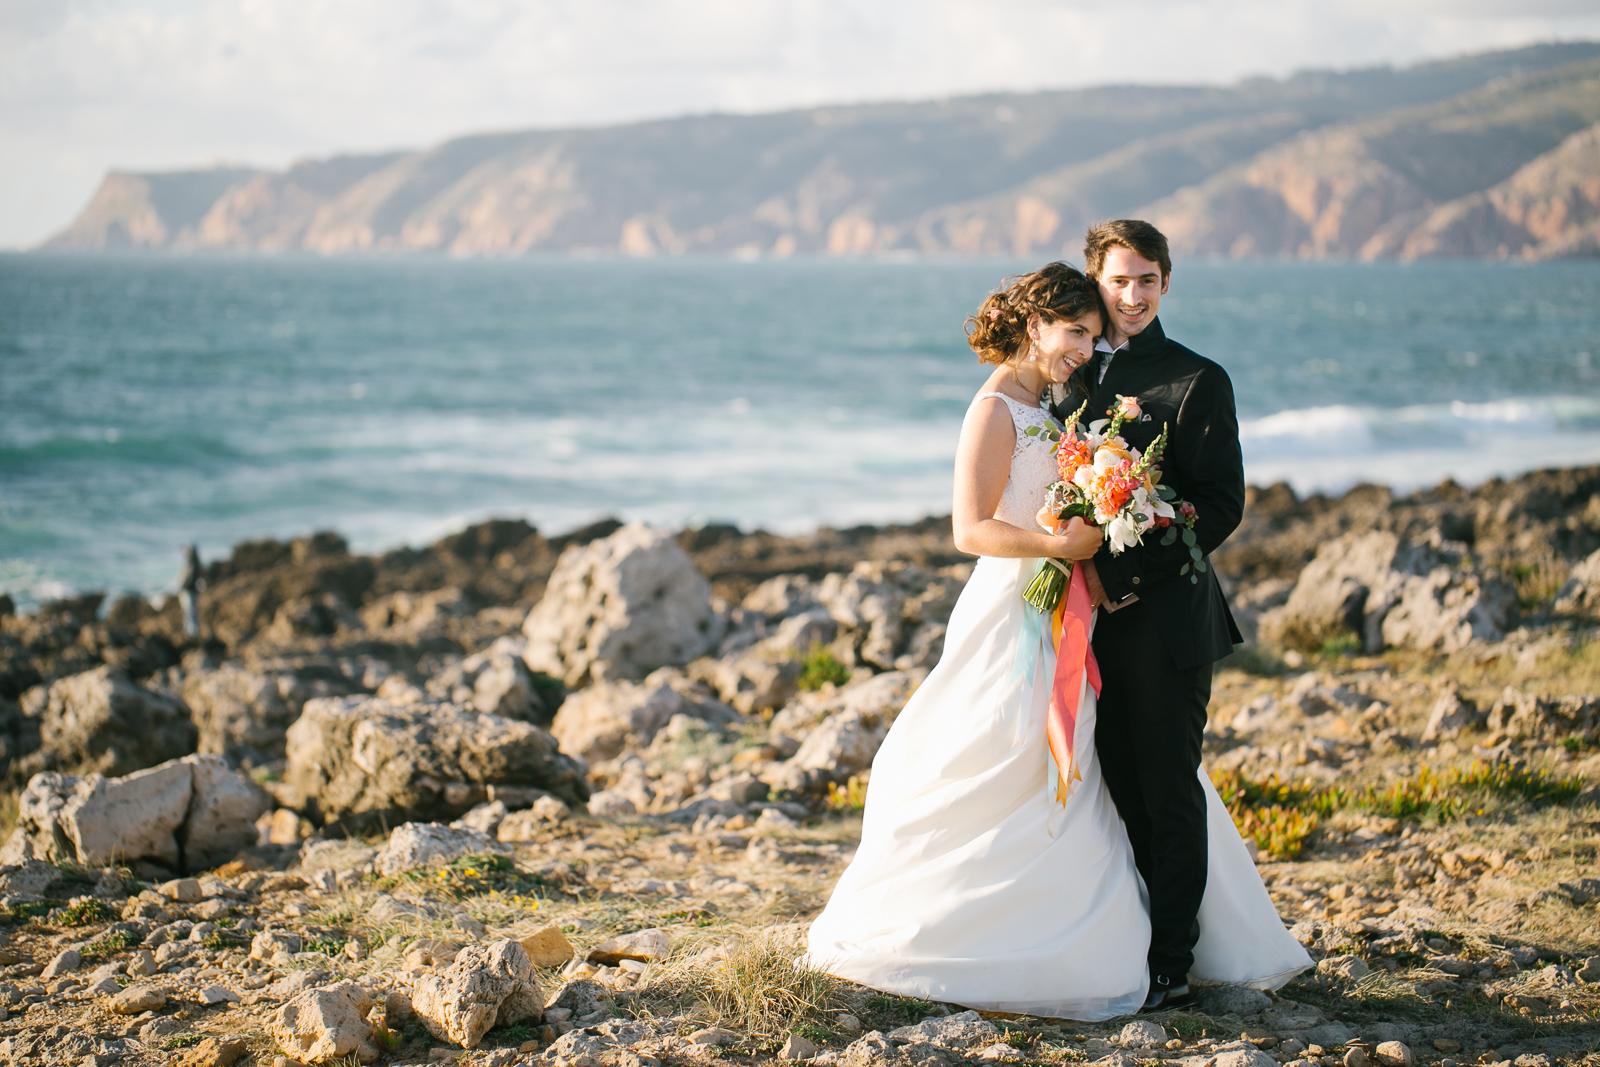 beautiful-destination-wedding-guincho-portugal.jpg